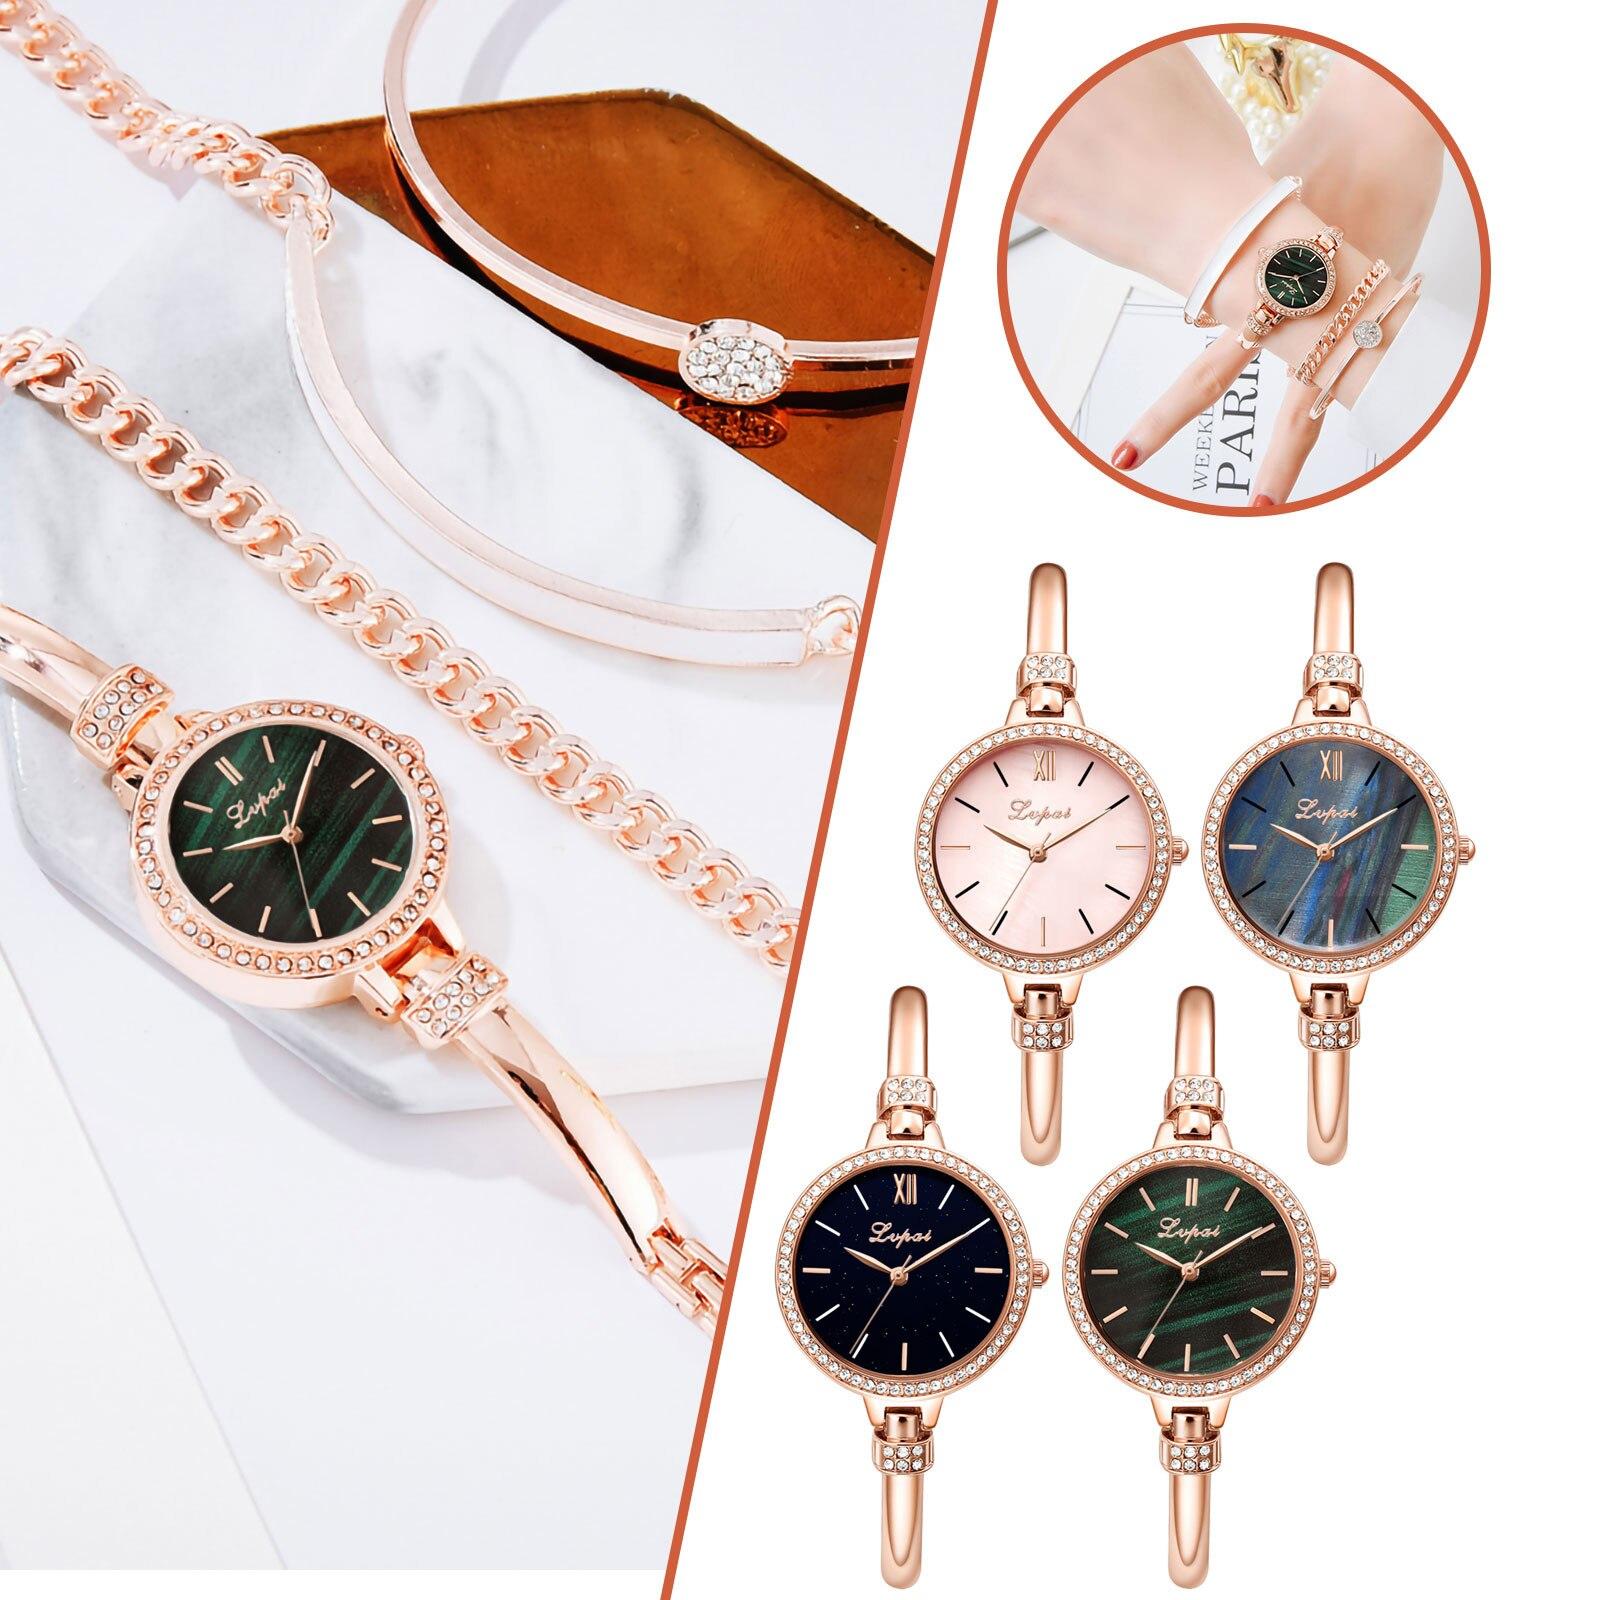 LVPAI Ladies Watch Luxury Watches 2021 Gold Women New Fashion Valentine's Day Gift Set Luxury Banquet Jewelry Dress Ladies Watch